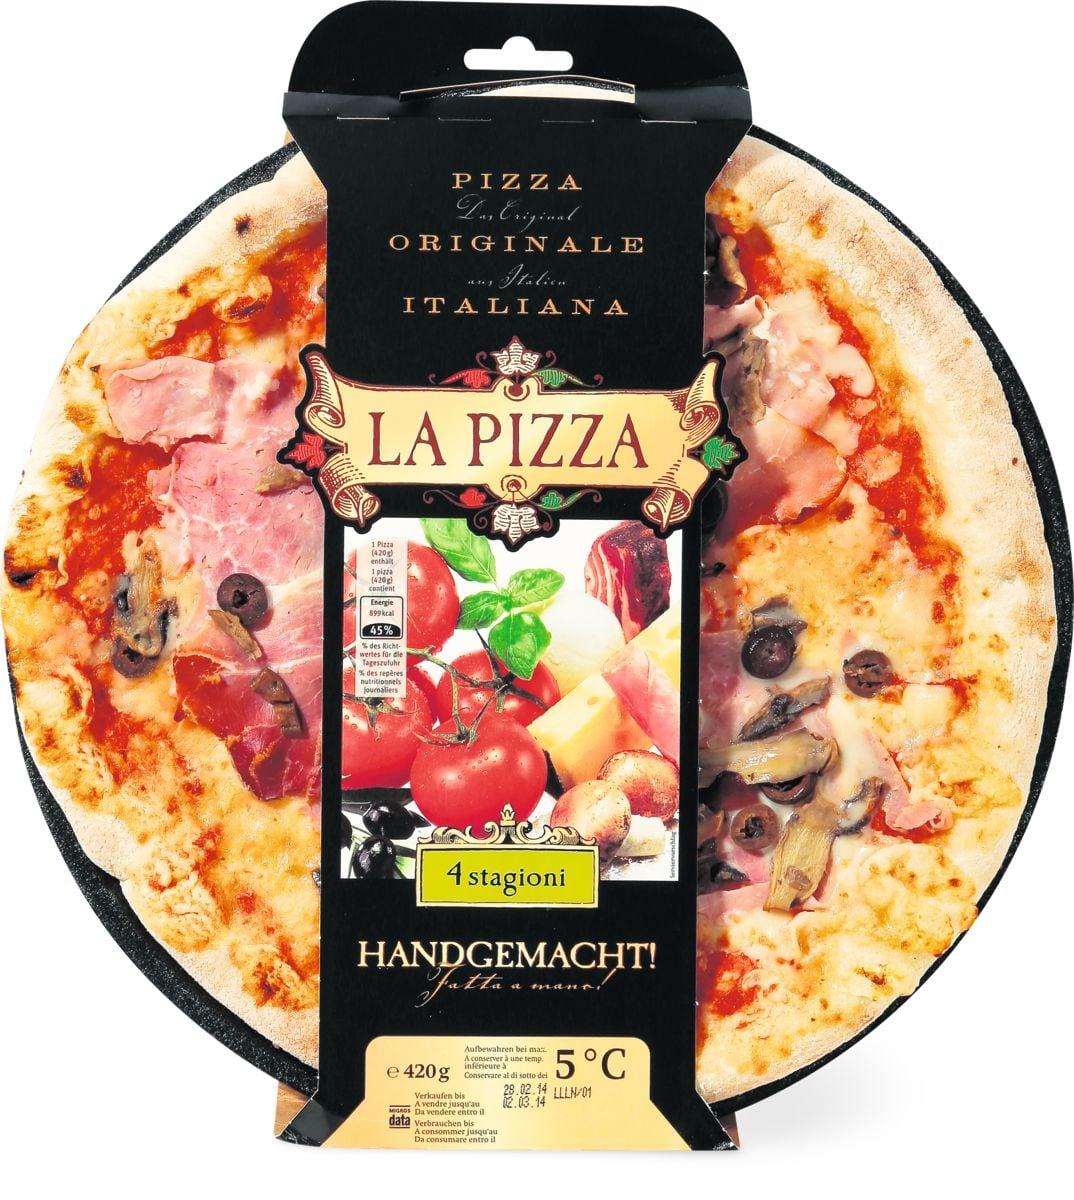 La Pizza 4 stagioni Handgemacht